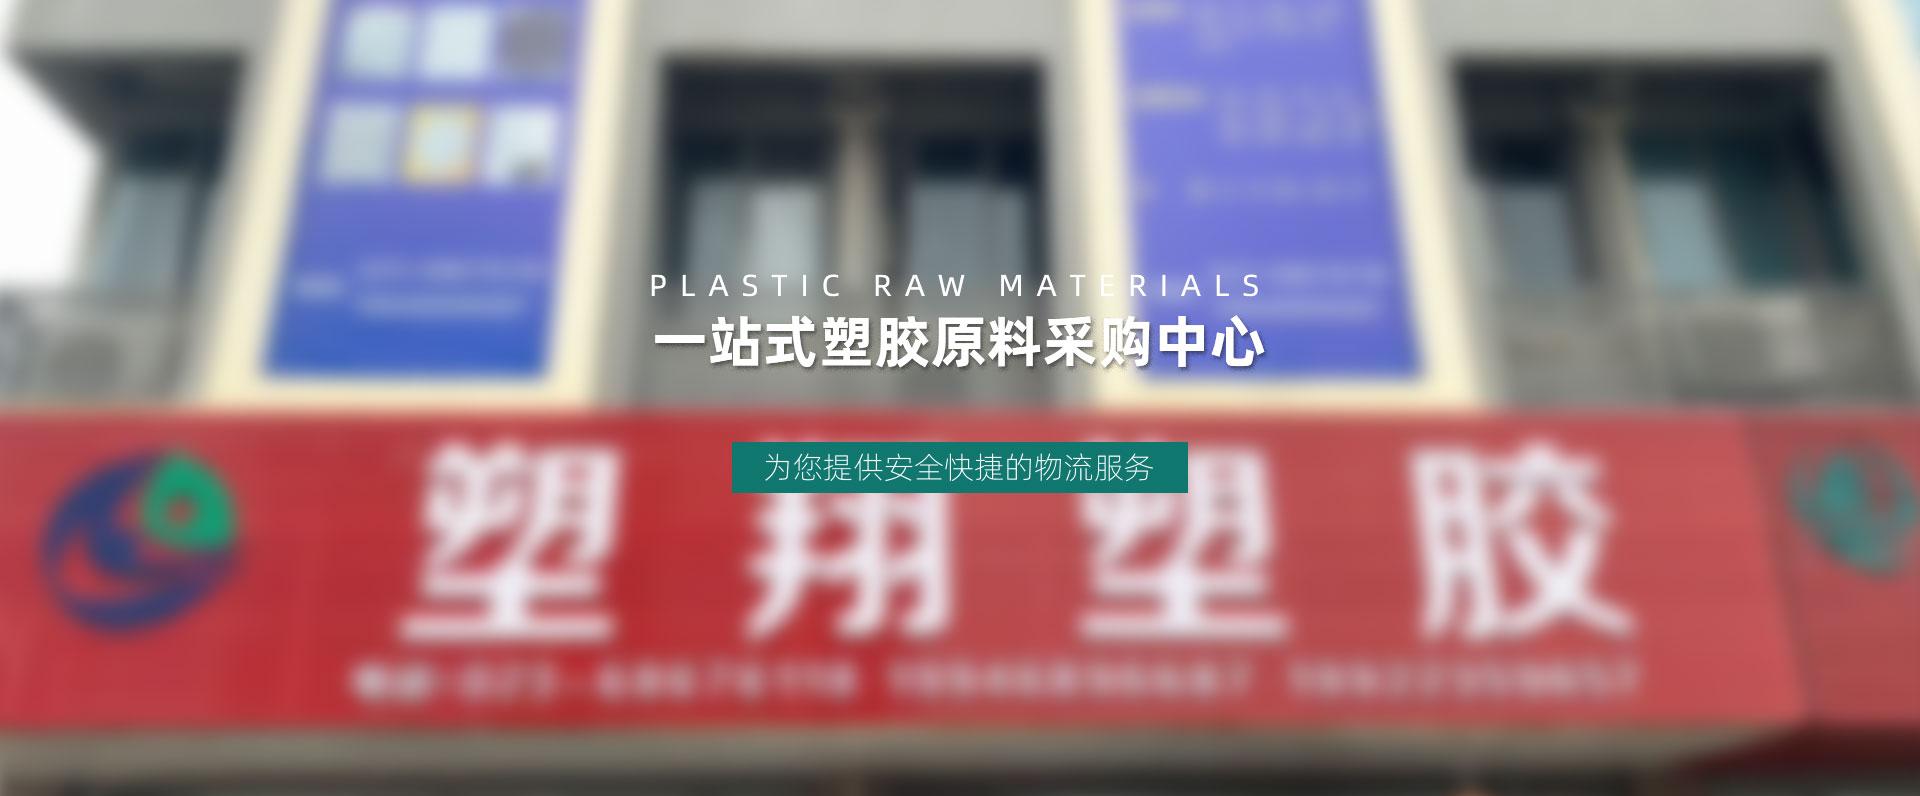 pc塑胶原料厂家